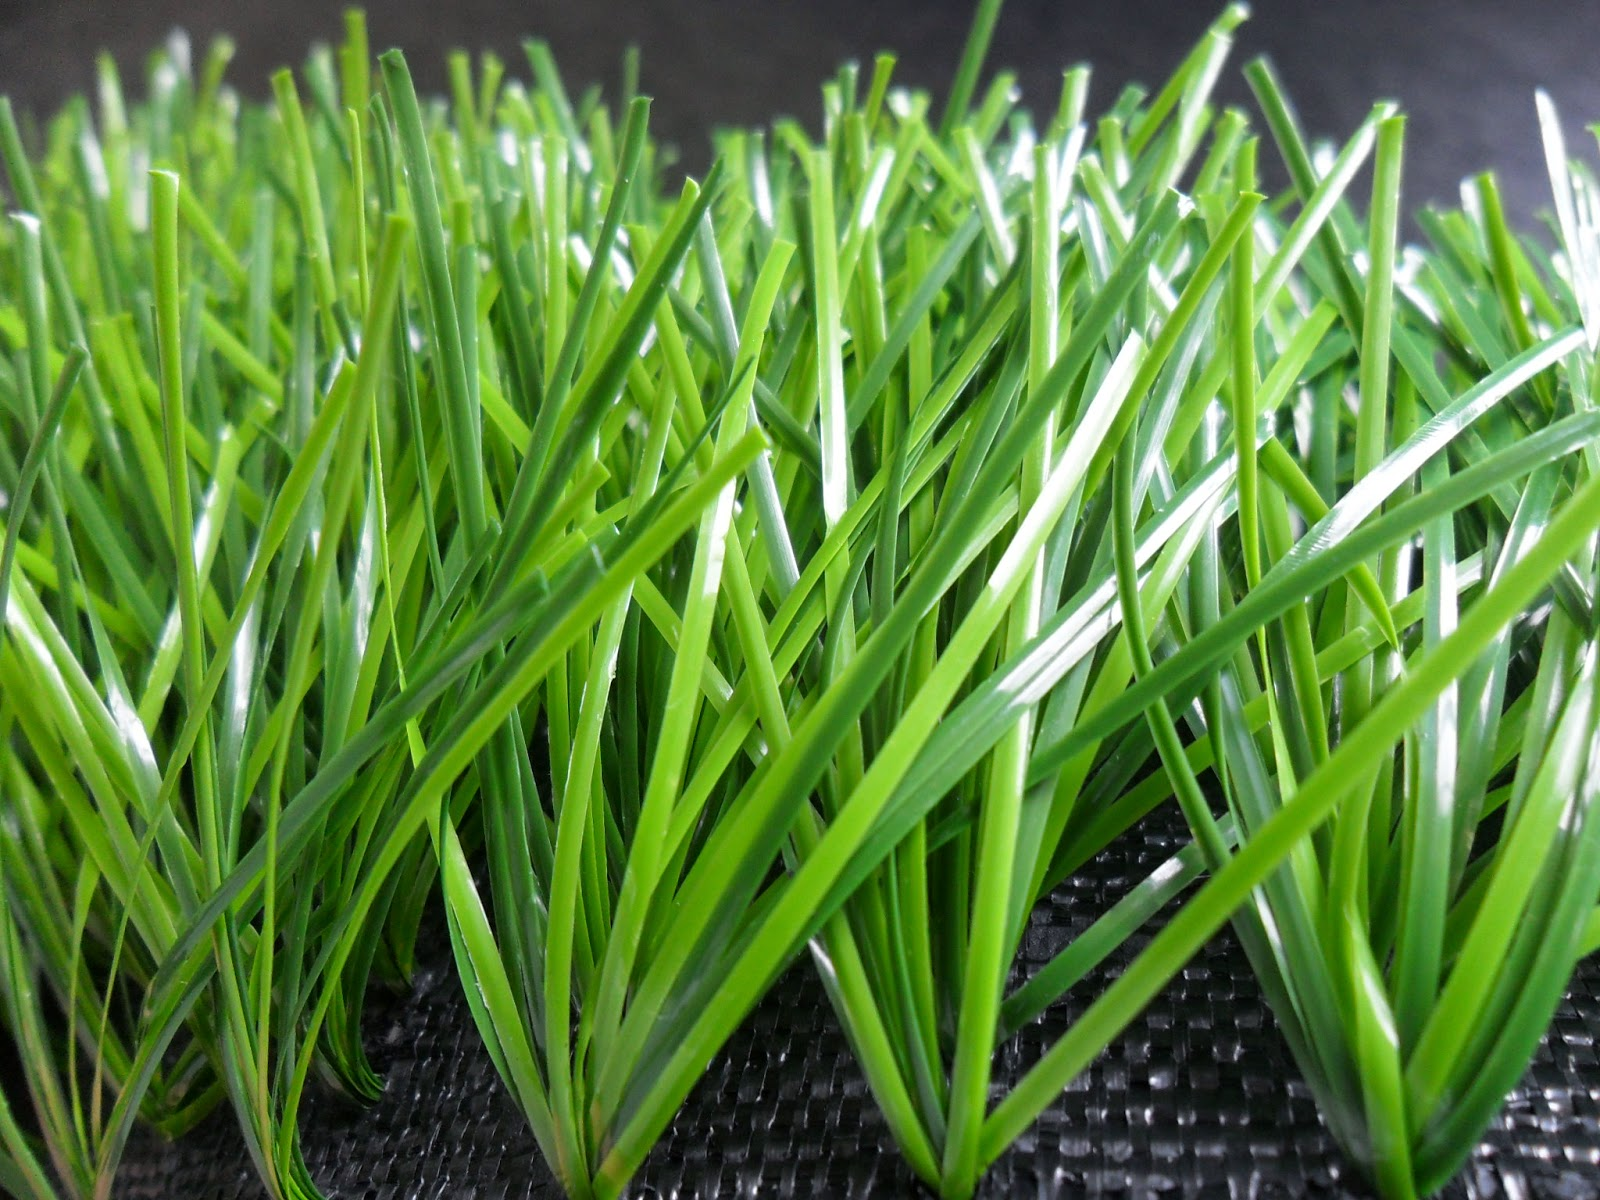 Một số hình ảnh sản phẩm cỏ nhân tạo DVN 16D 2